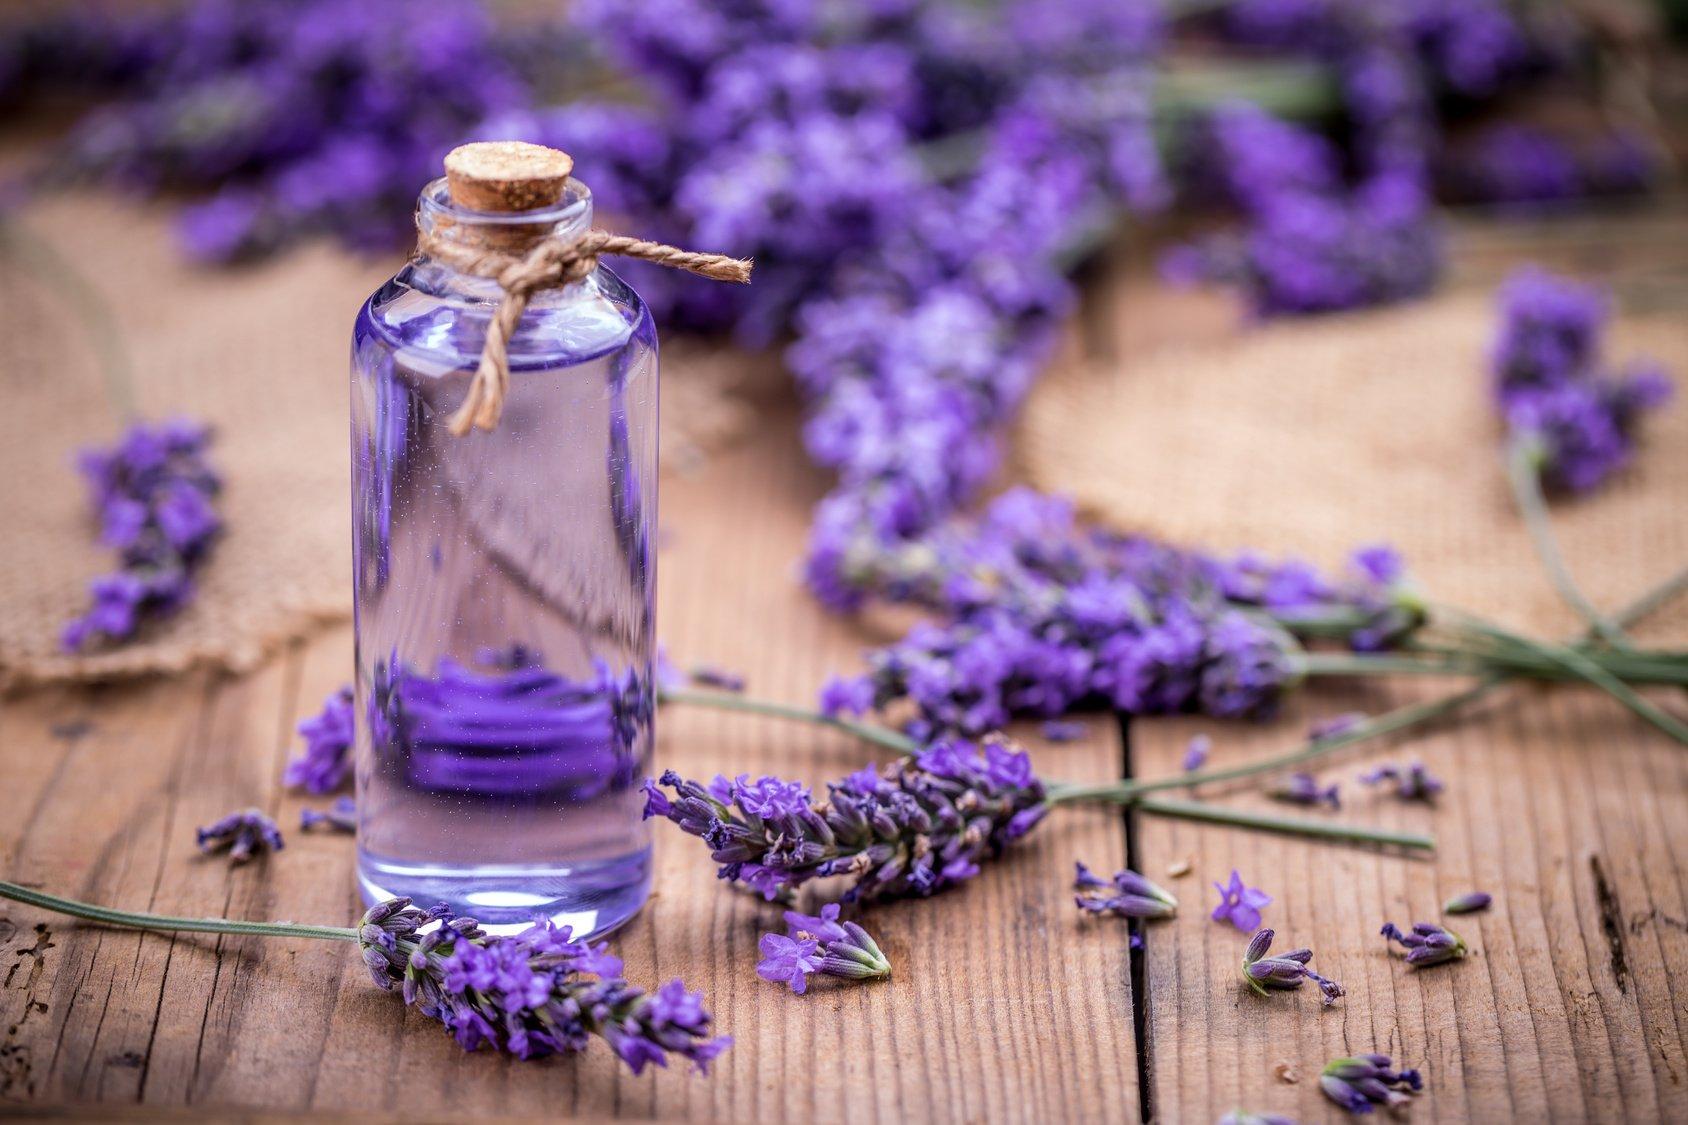 PunjabKesari, Lavender Oil Image